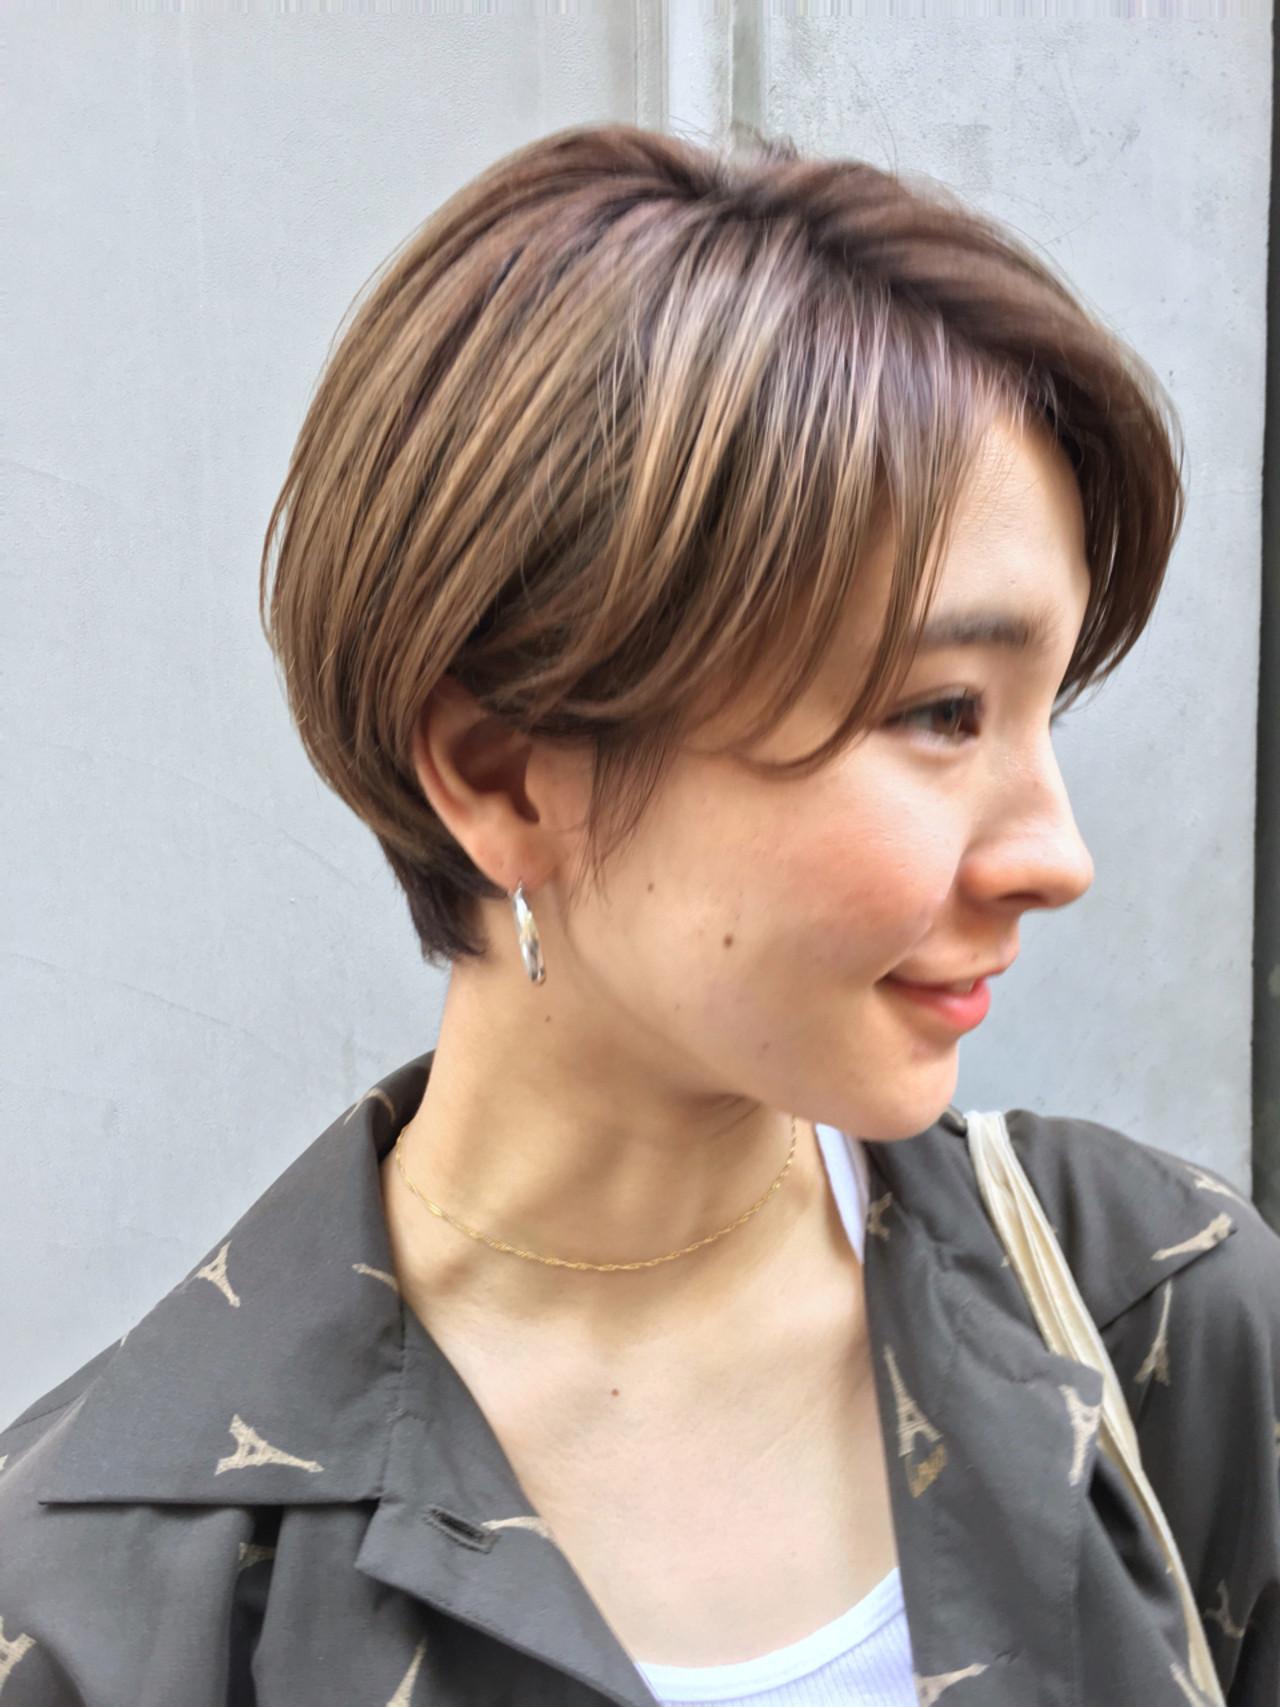 セットもラクラク☆ストレート前髪のショート 佐藤健太郎/GARDEN.Ramie